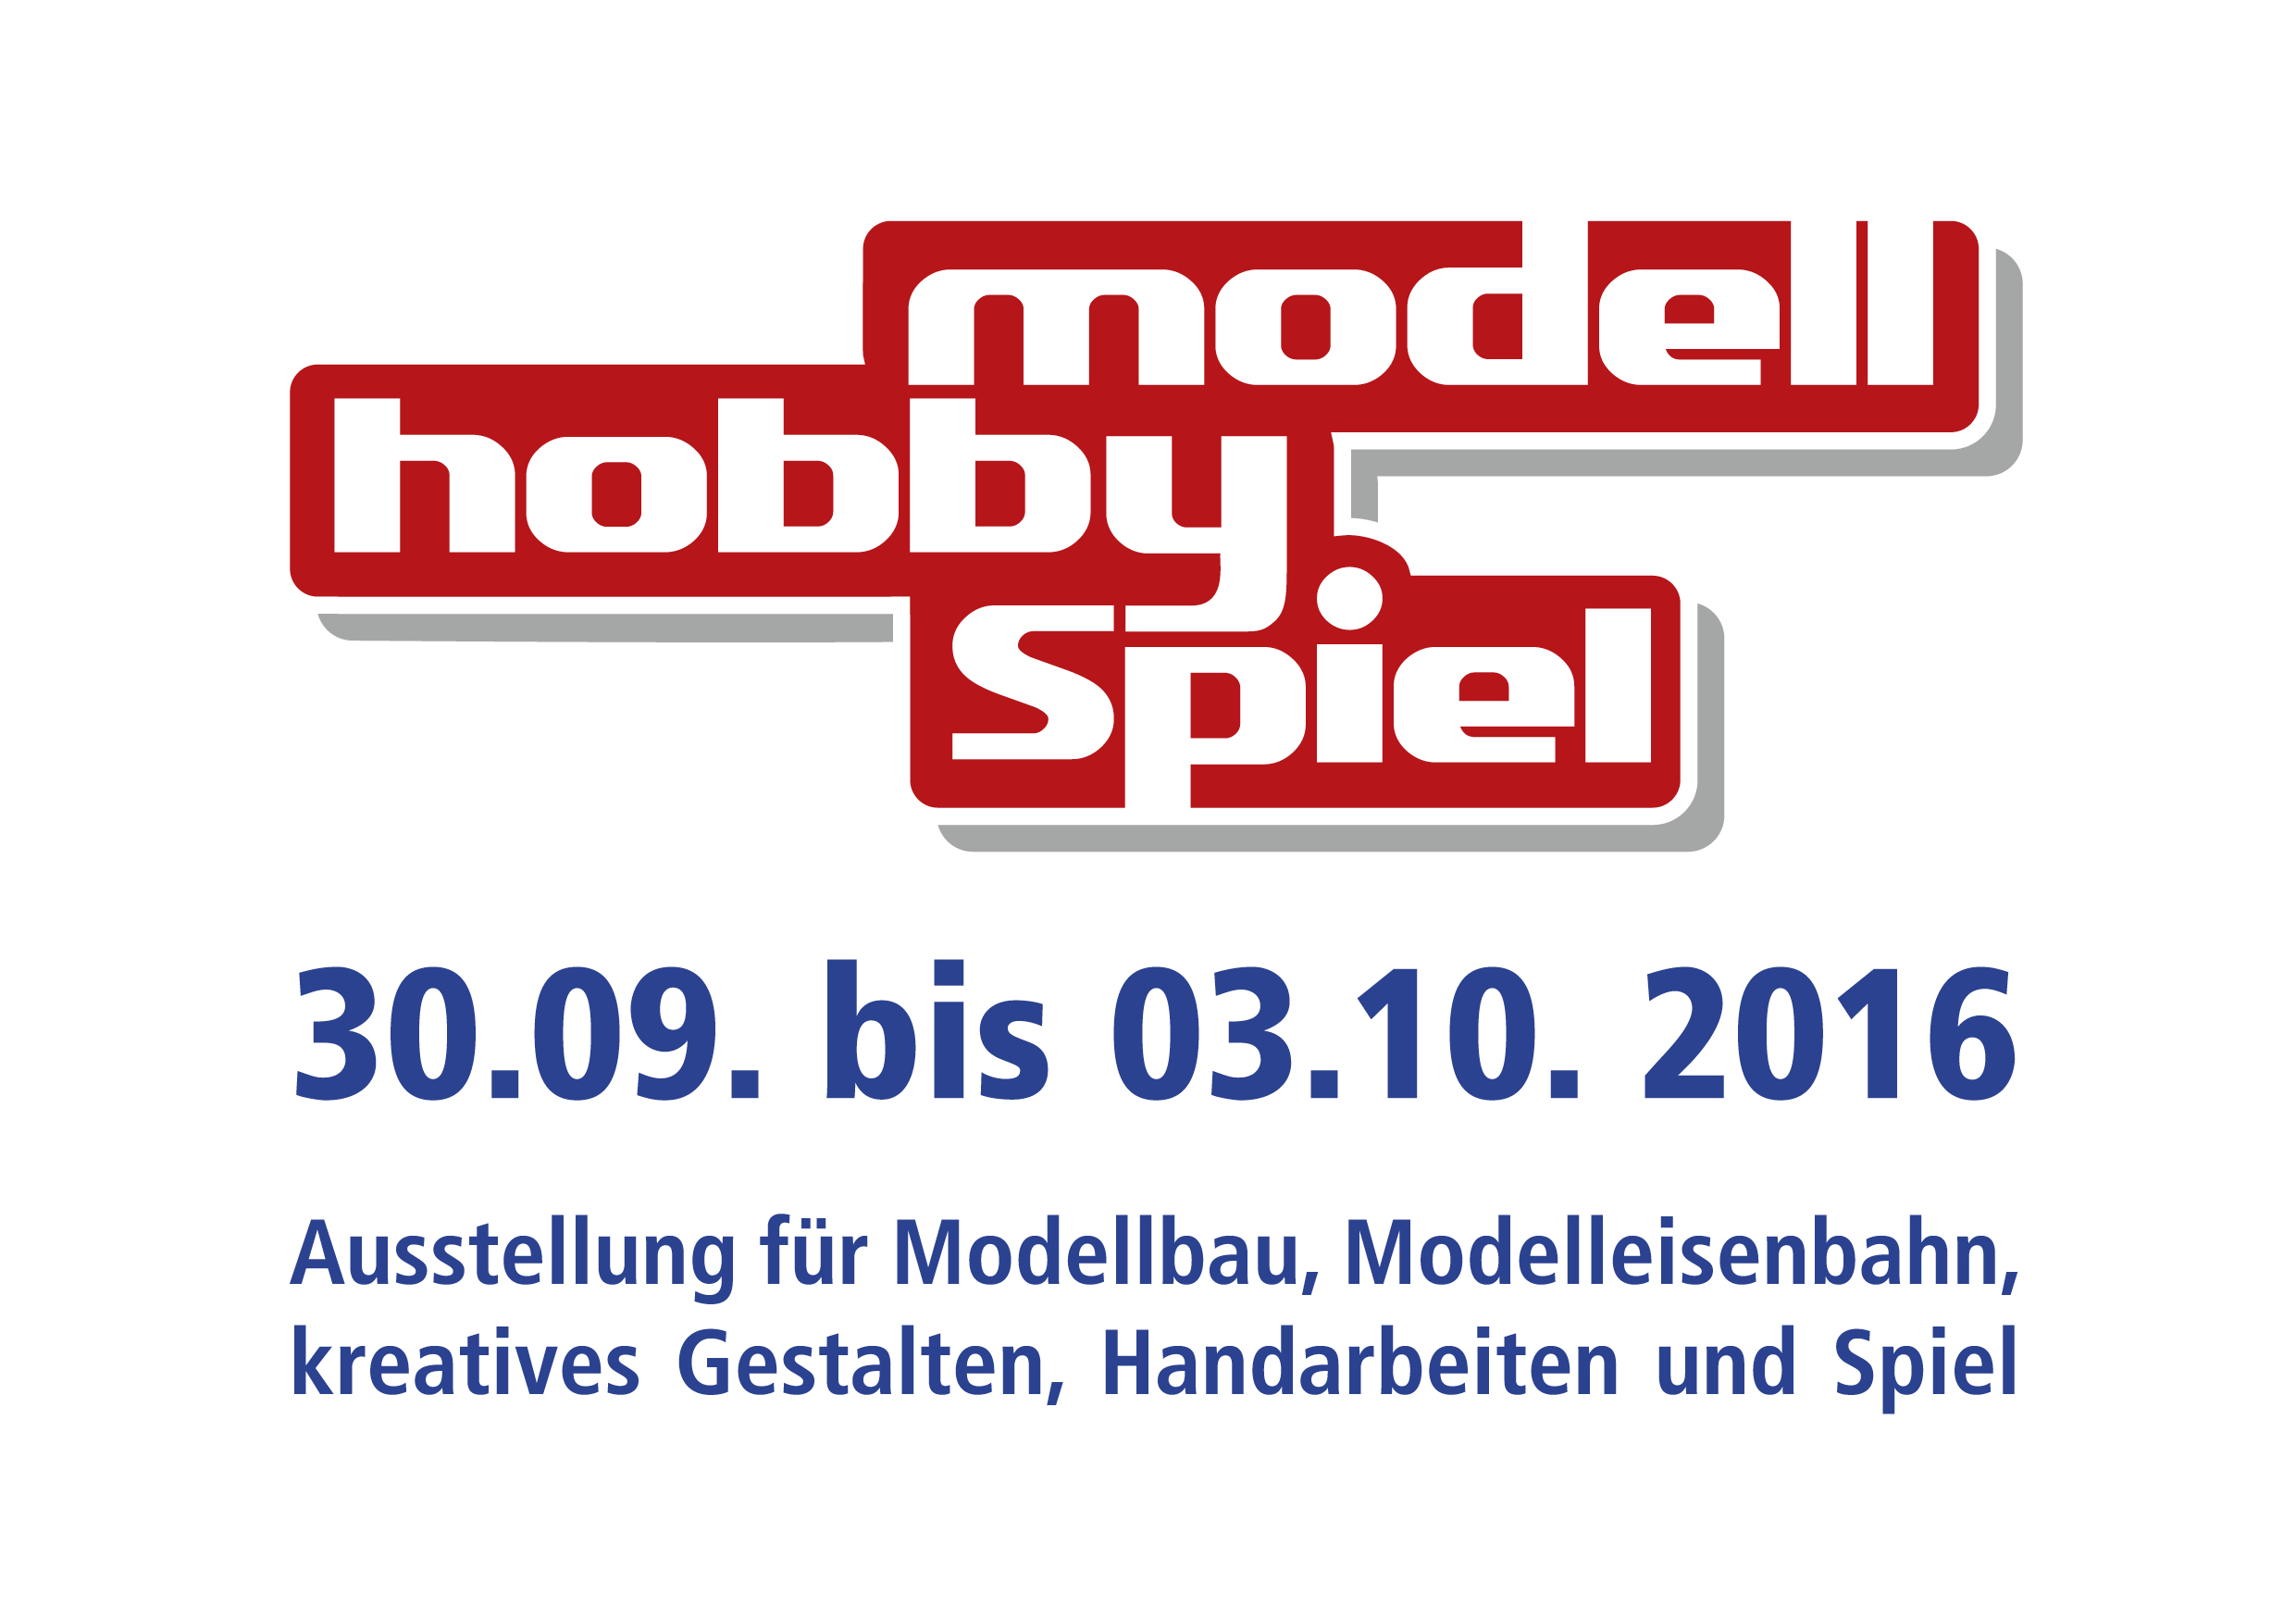 Modell Hobby Spiel 2016